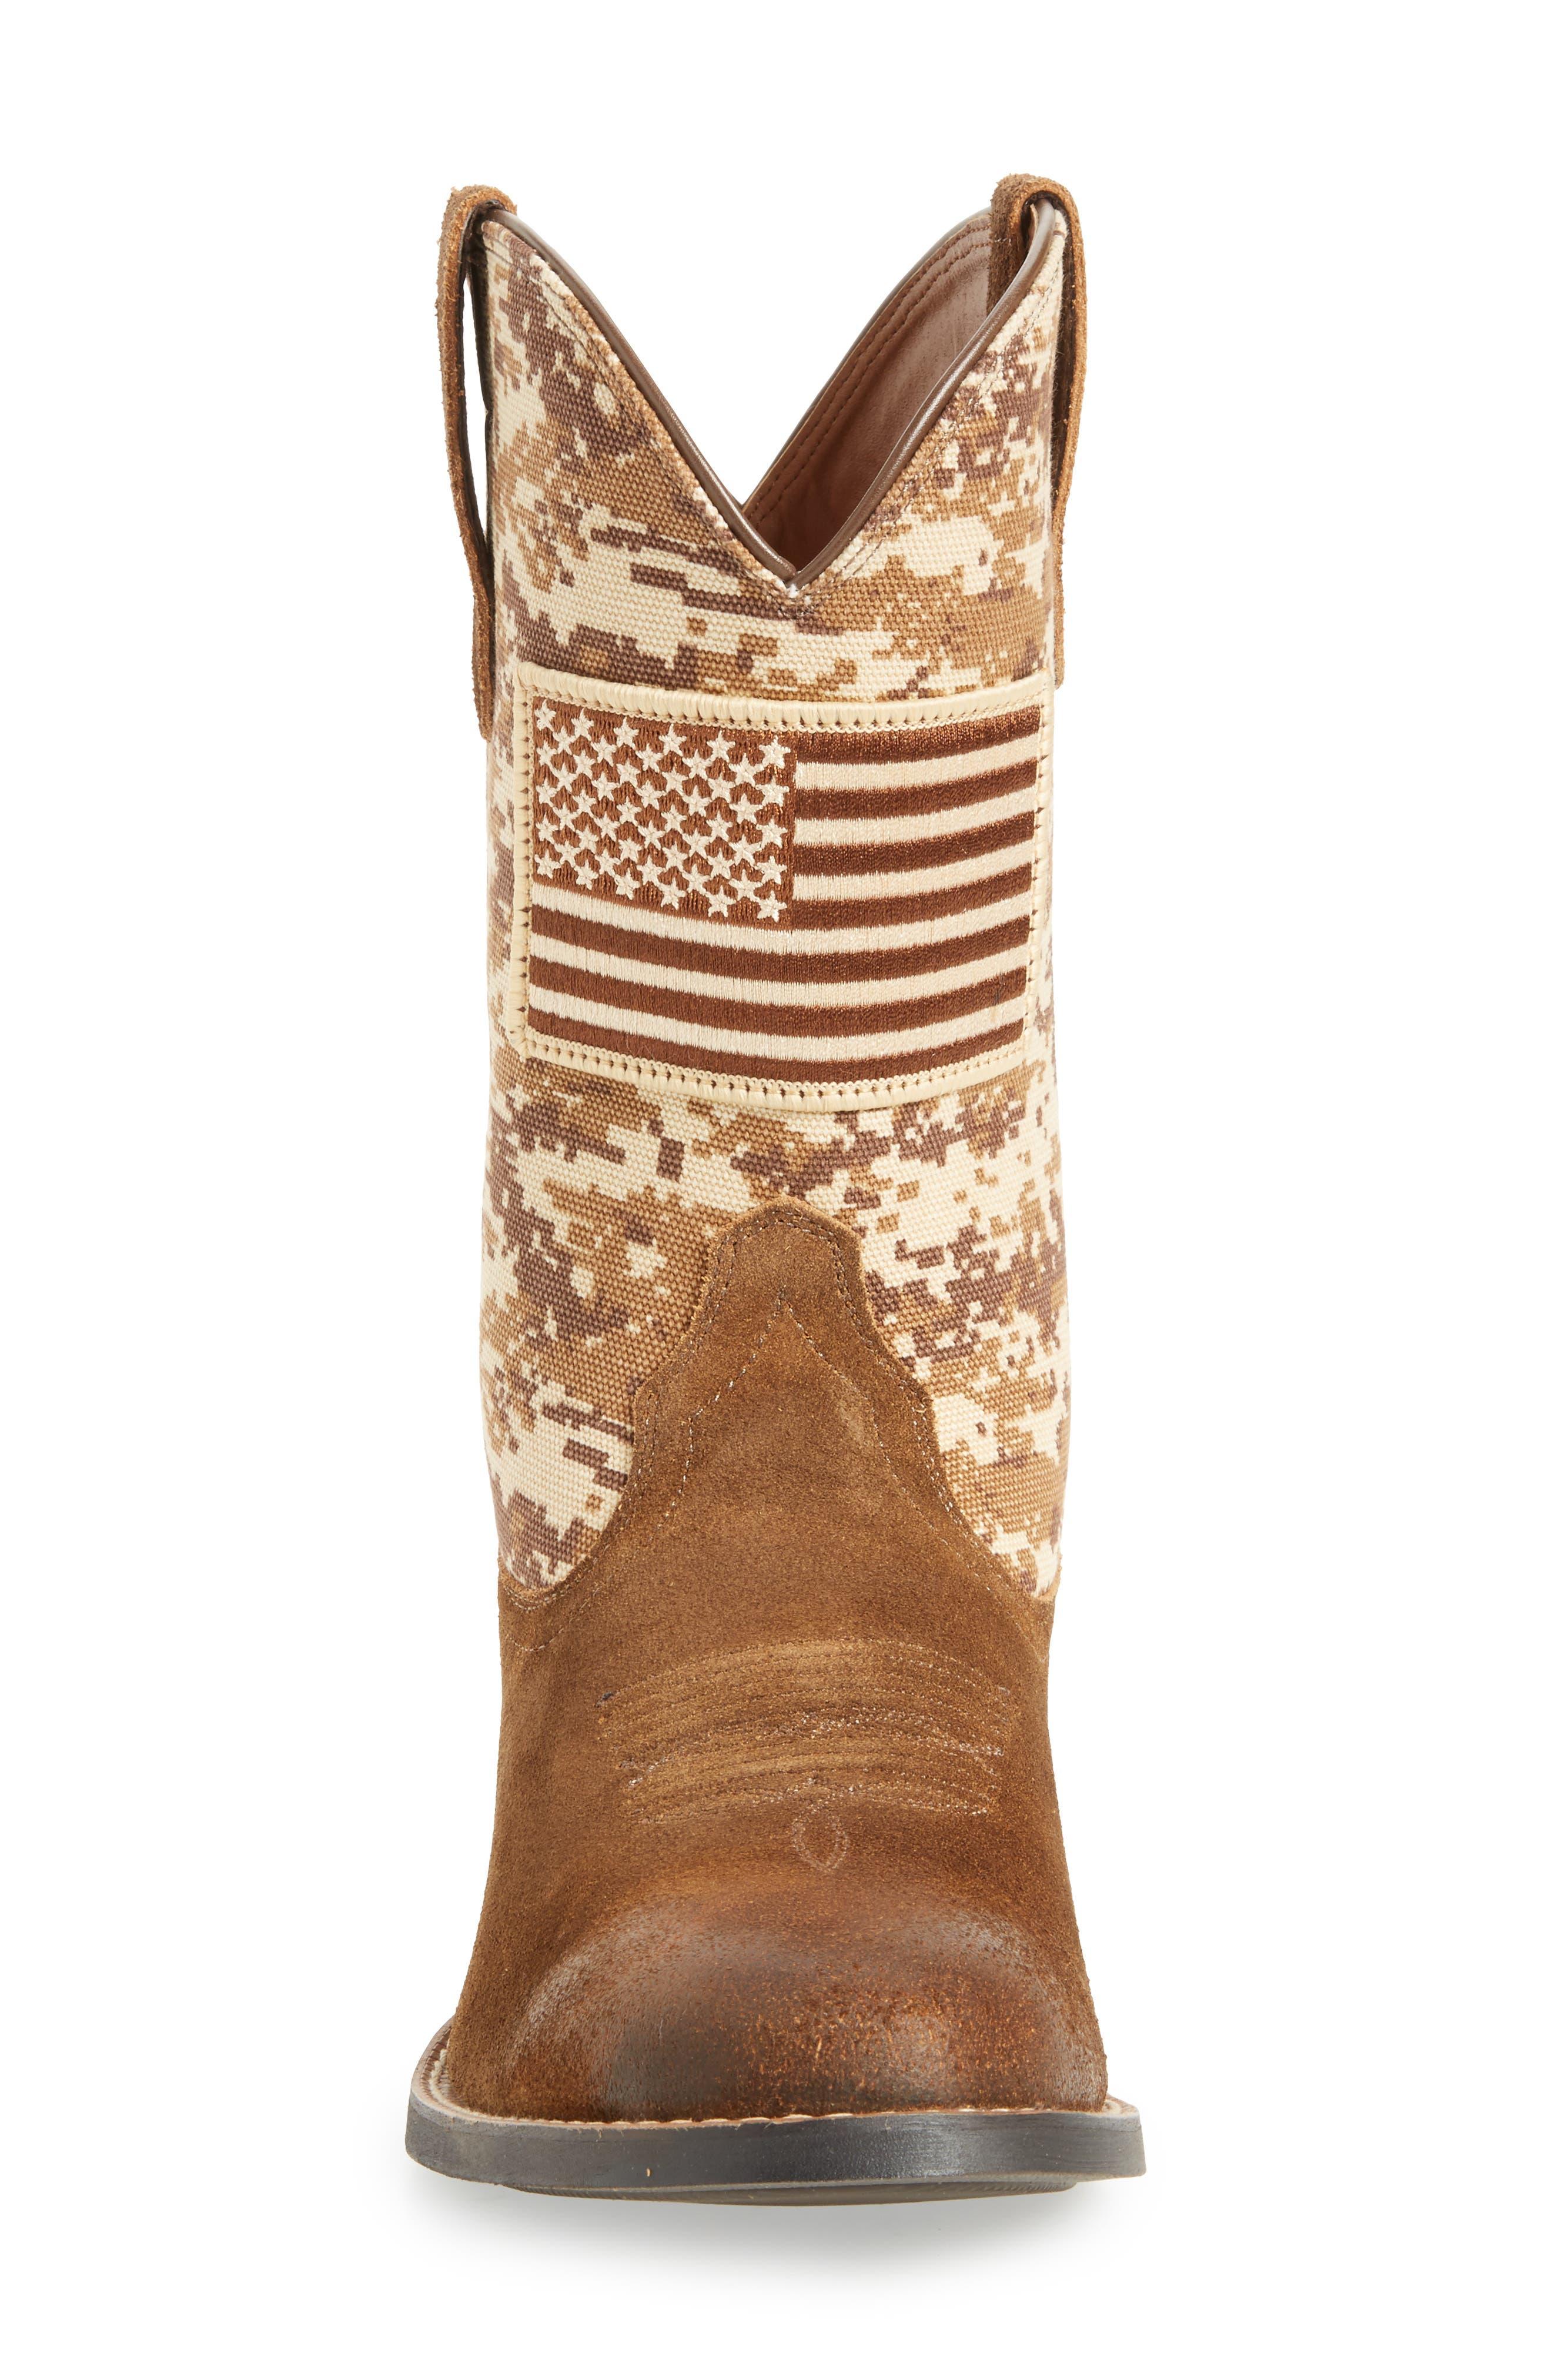 Sport Patriot Cowboy Boot,                             Alternate thumbnail 4, color,                             Antique Mocha/ Sand Leather